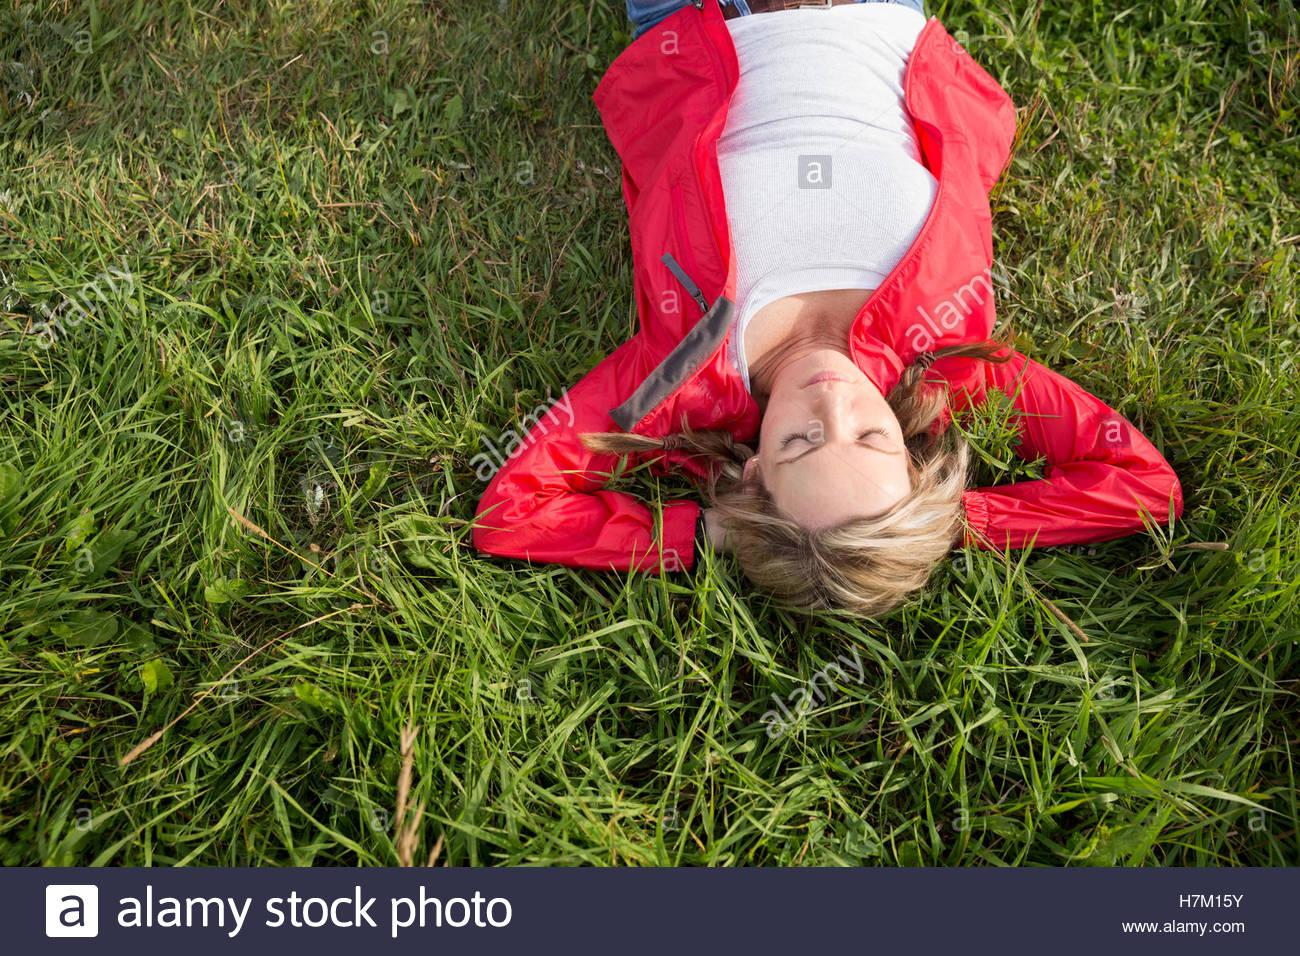 Serena donna posa rilassante con le mani dietro la testa in erba Immagini Stock